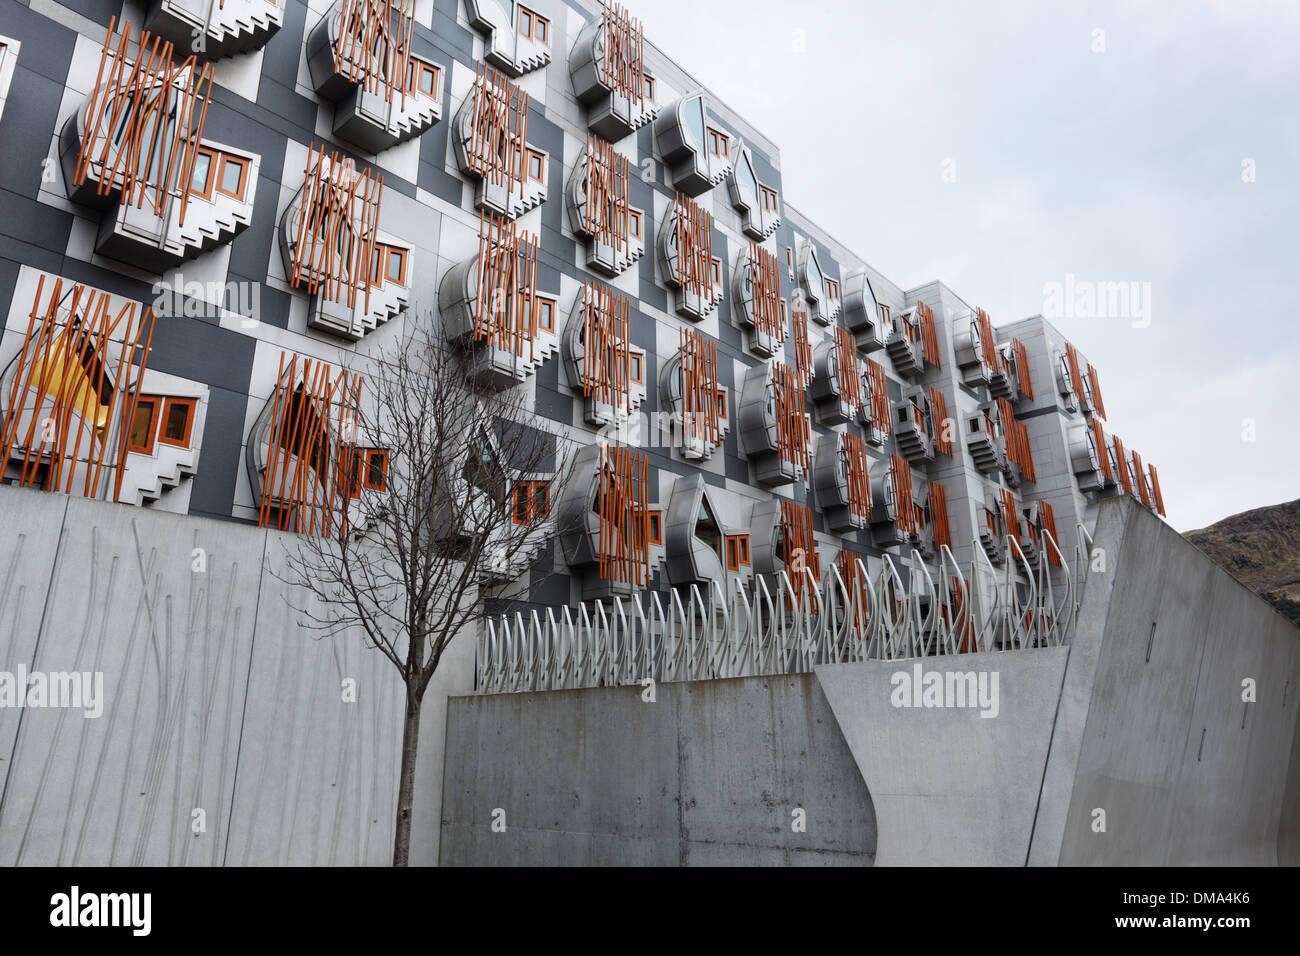 Dettagli architettonici. Il Parlamento scozzese di edifici. Holyrood. Edimburgo. Regno Unito. Foto Stock